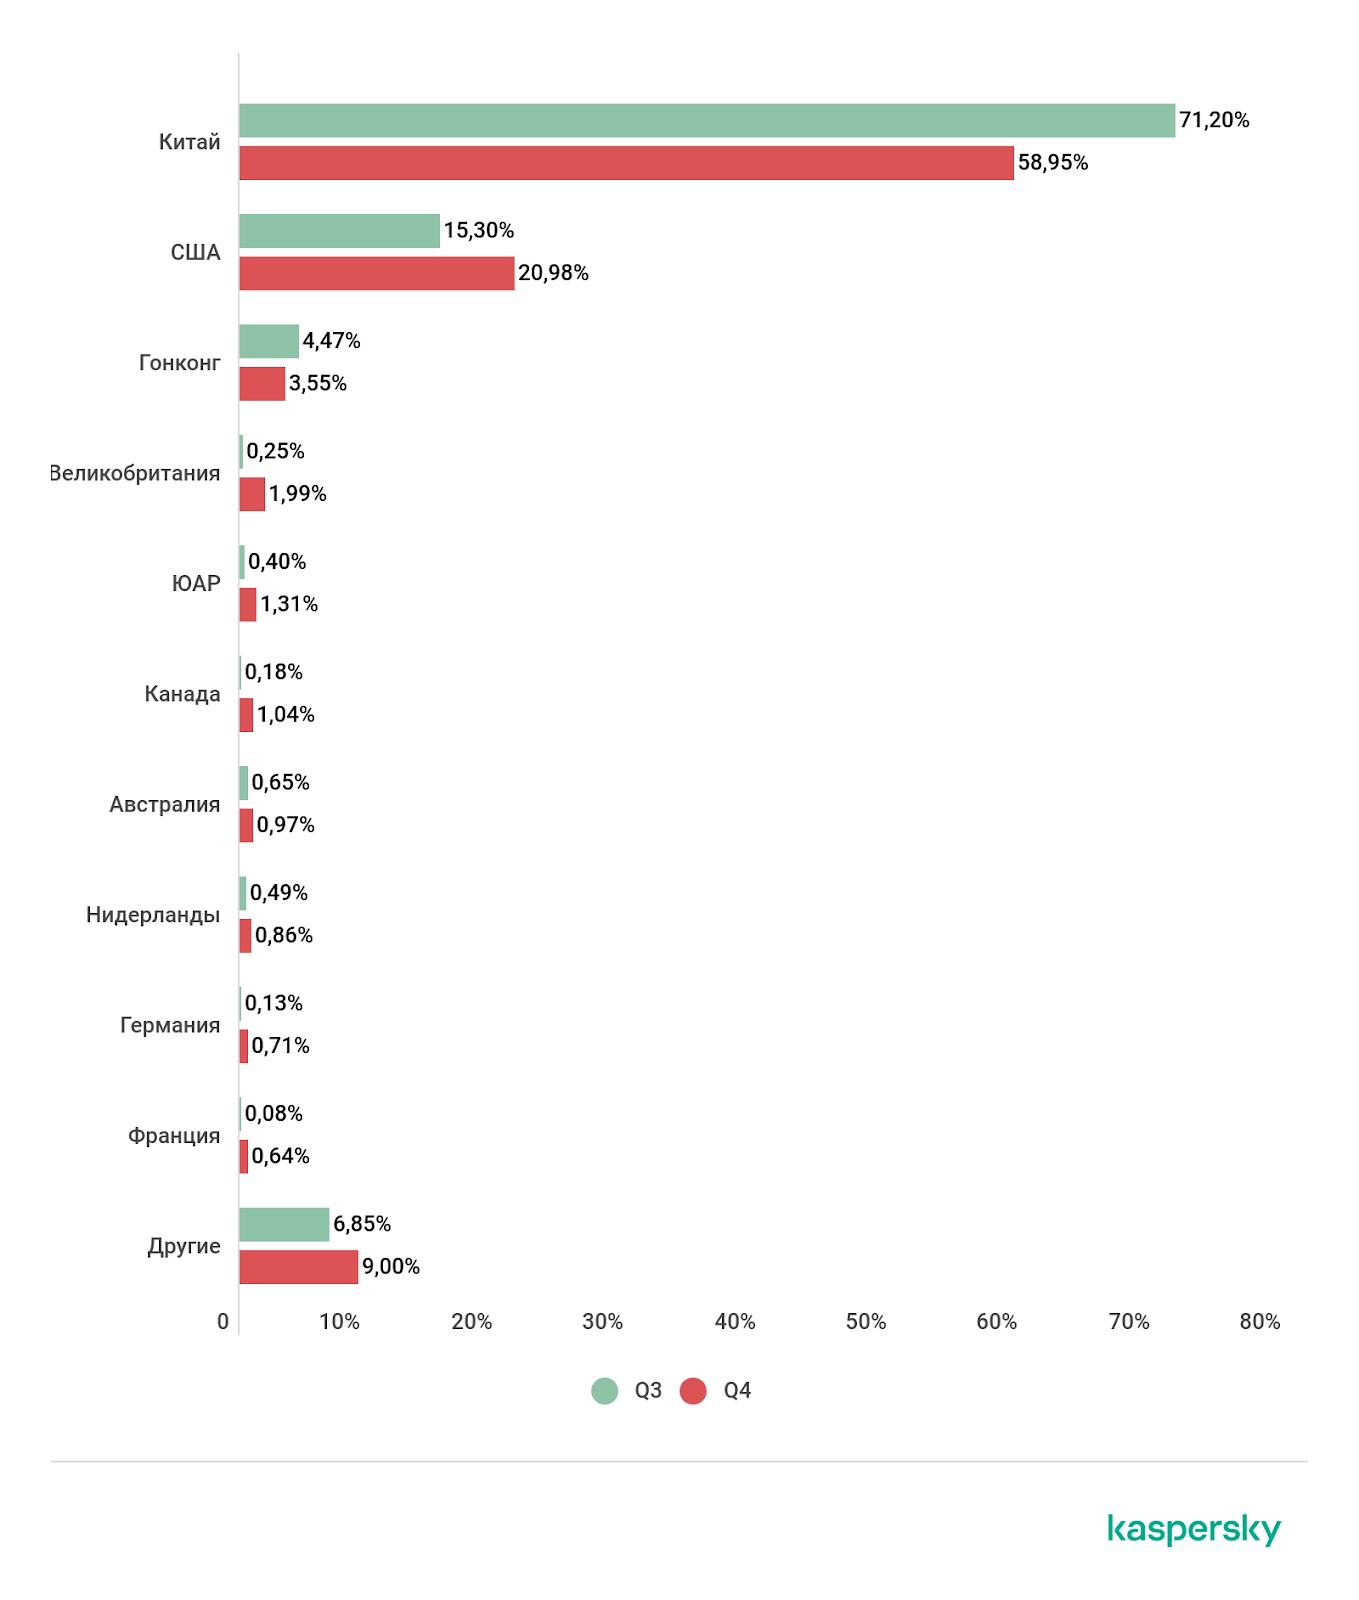 Распределение DDoS-атак по странам в третьем и четвертом кварталах 2020 года